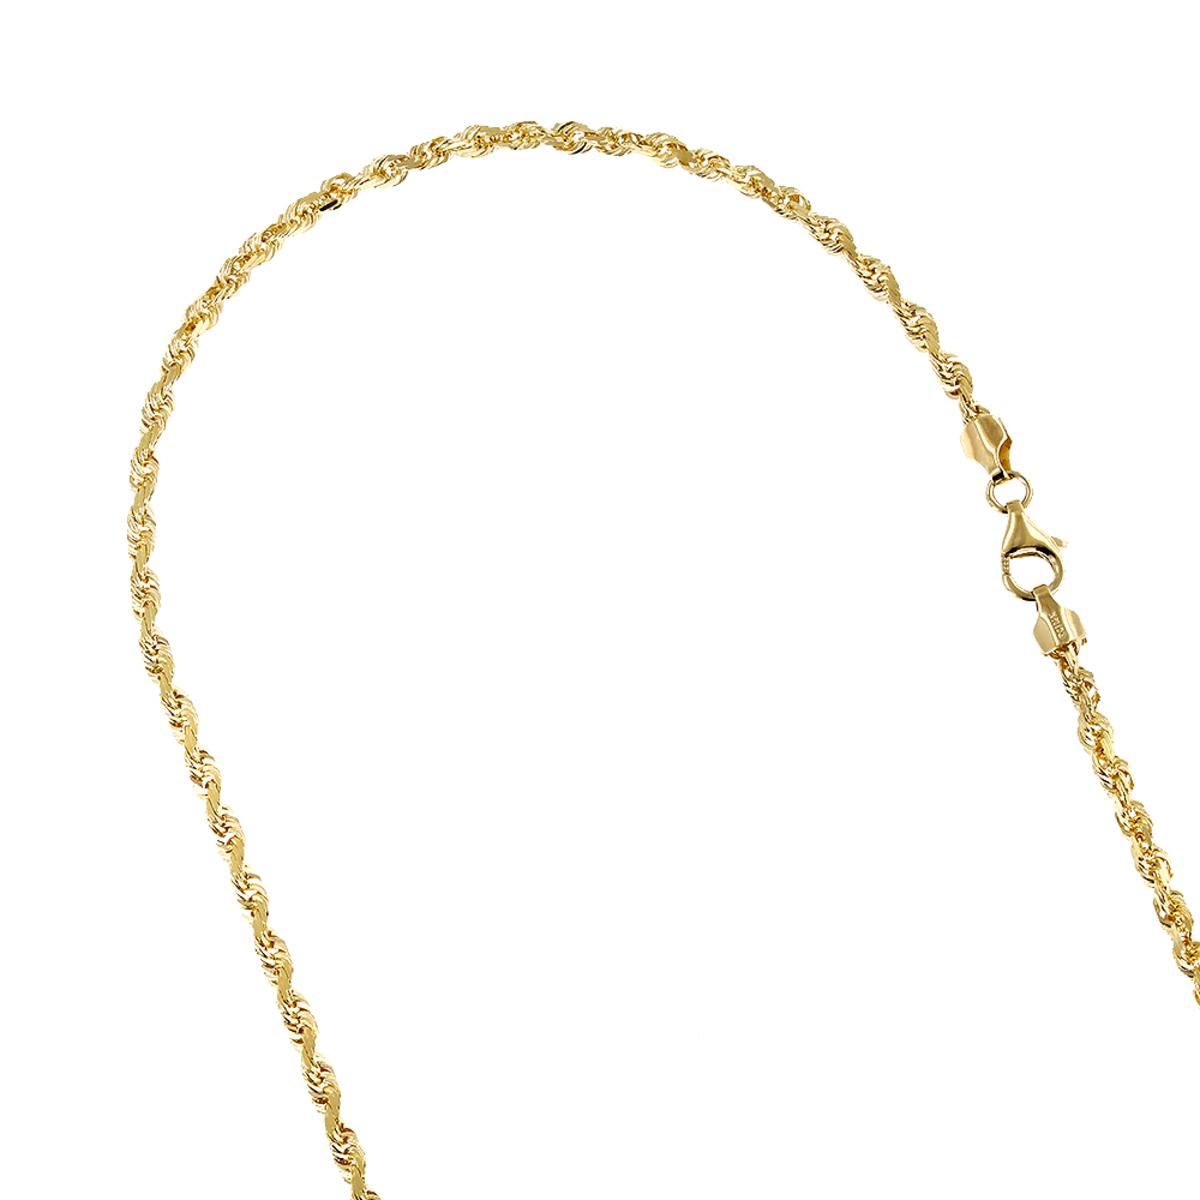 LUXURMAN Solid 14k Gold Rope Chain For Men & Women Diamond Cut 2.5mm